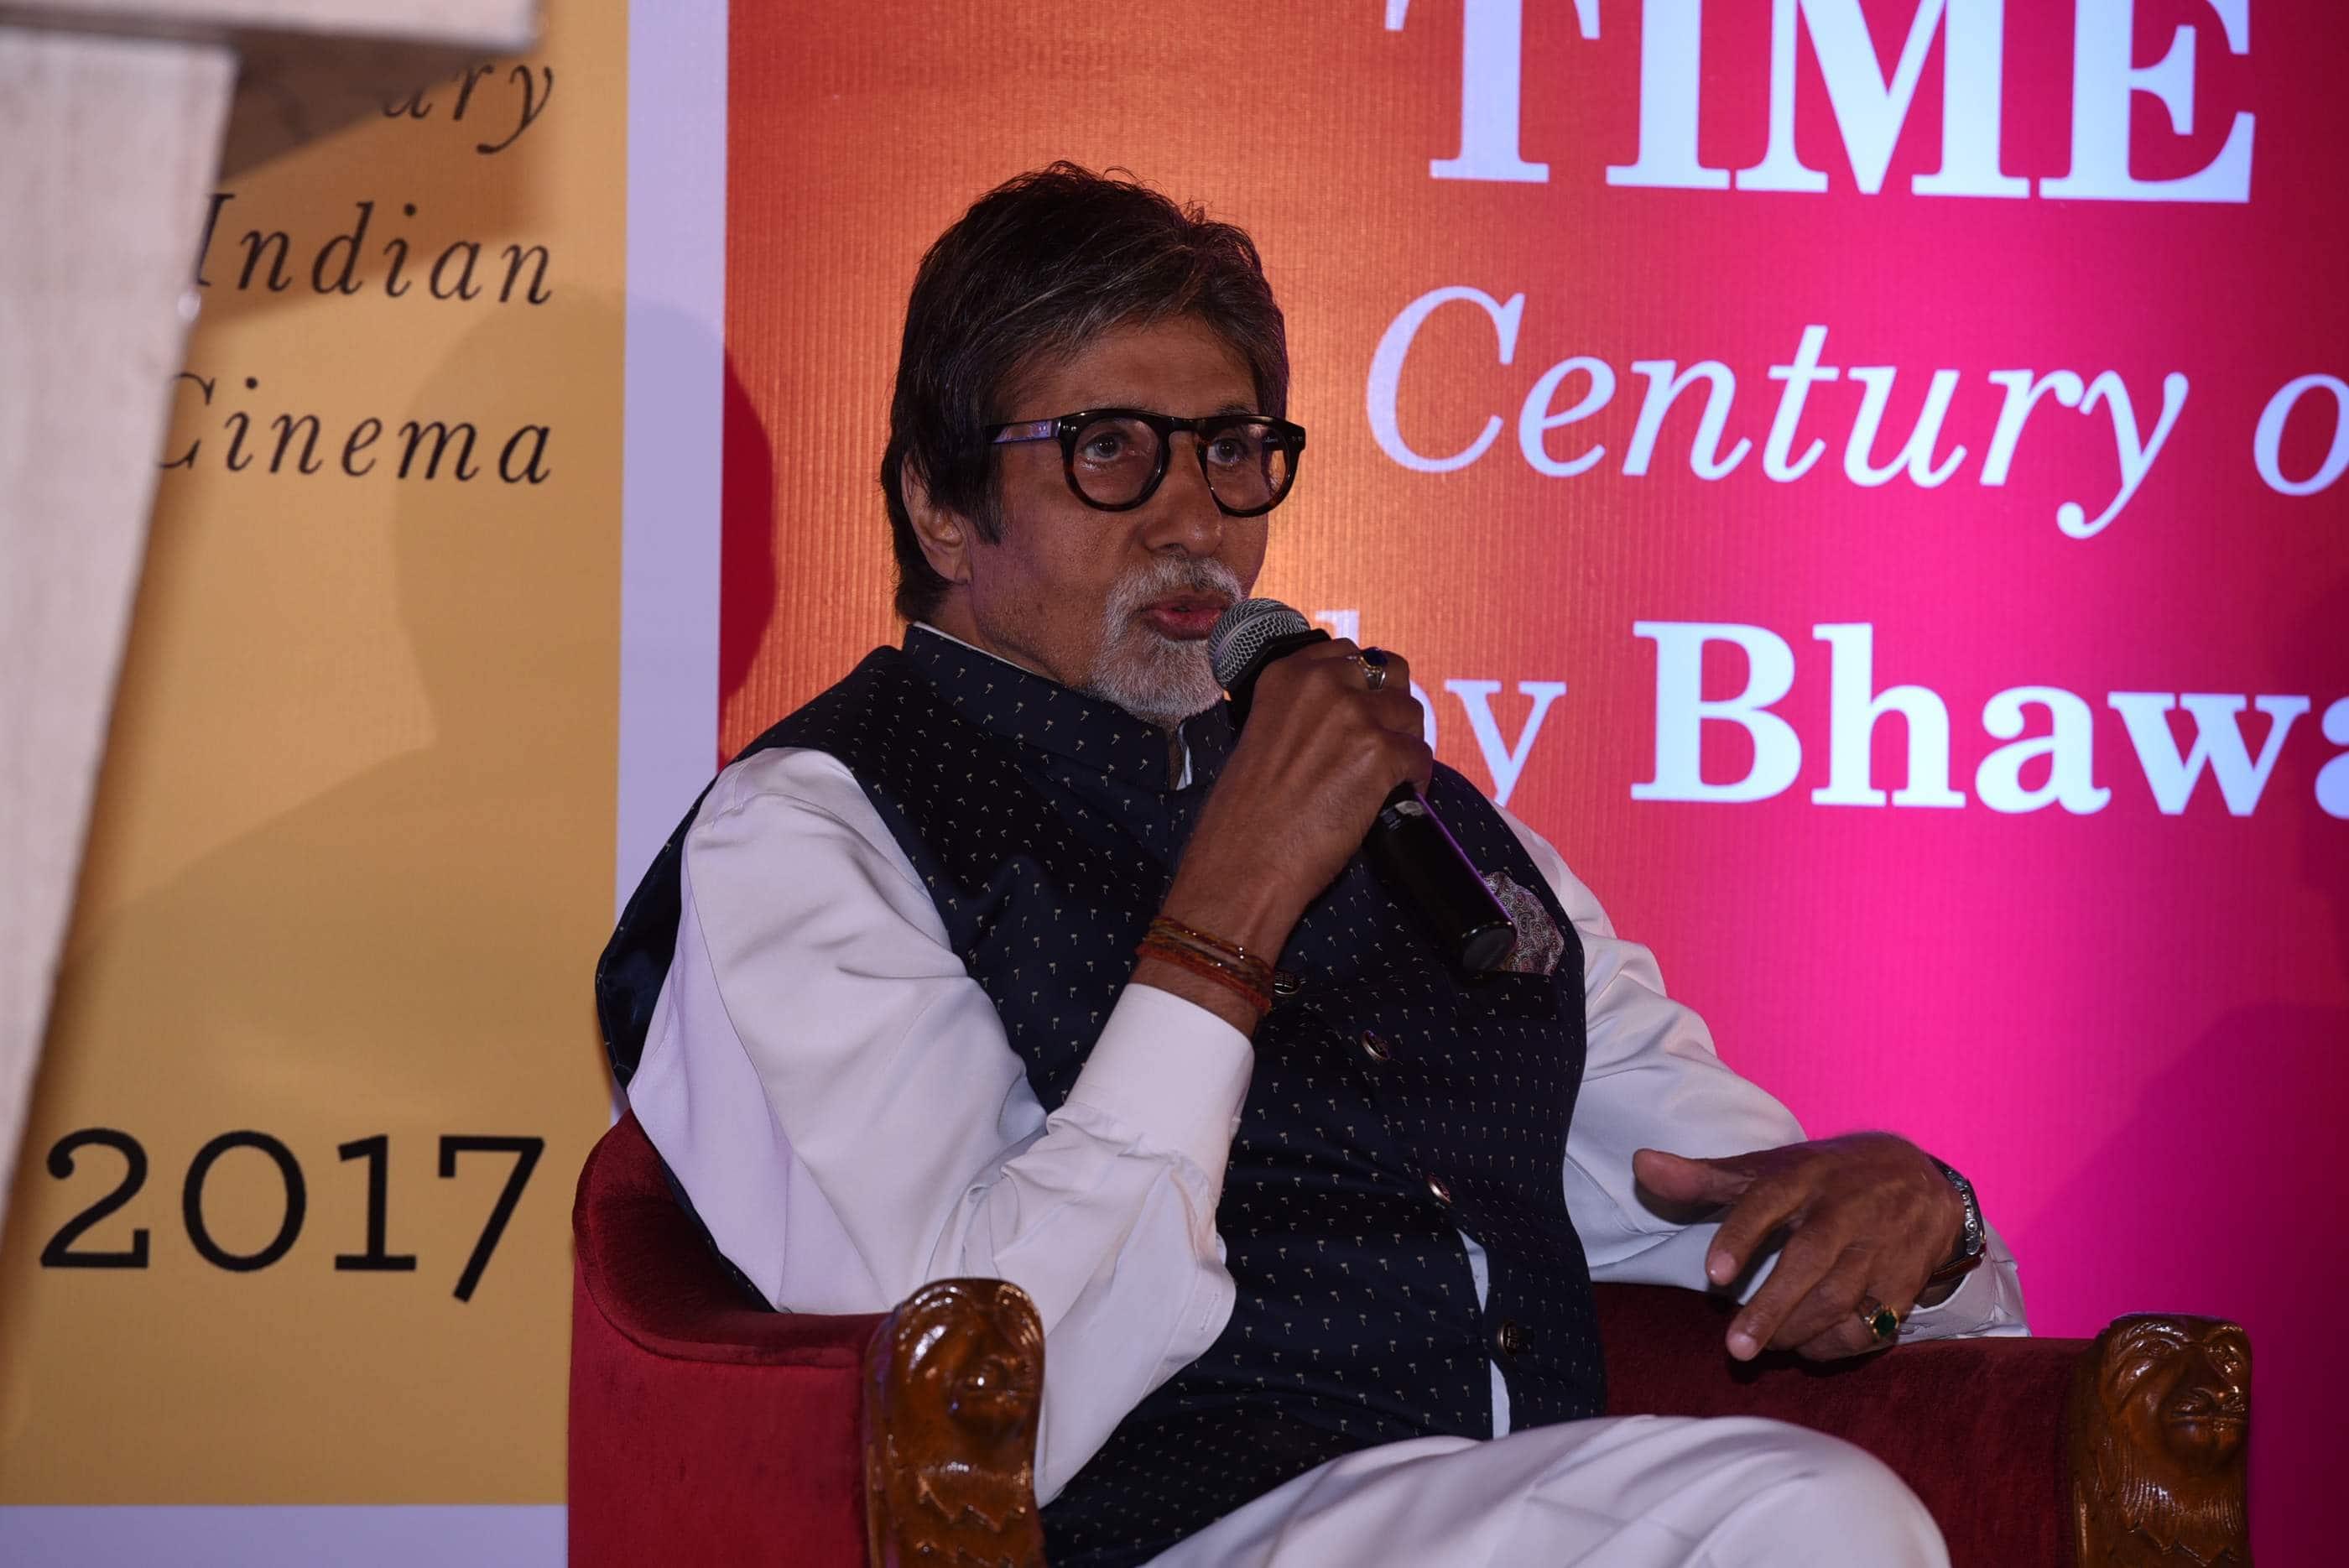 amitabh bachchan, amitabh bachchan book launch, amitabh bachchan launch, Once Upon A Time In India